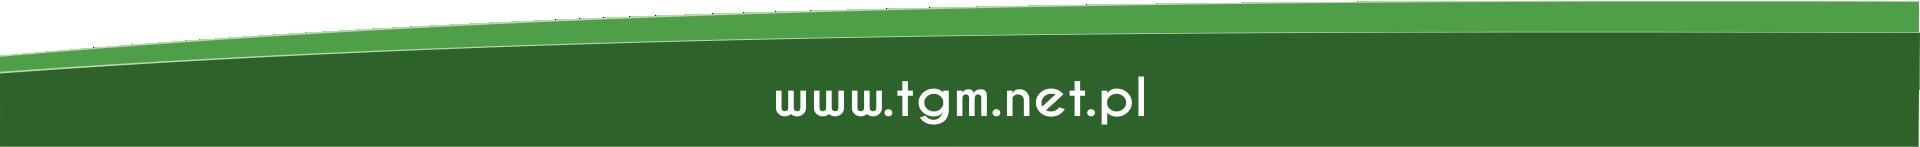 www.tgm.net.pl